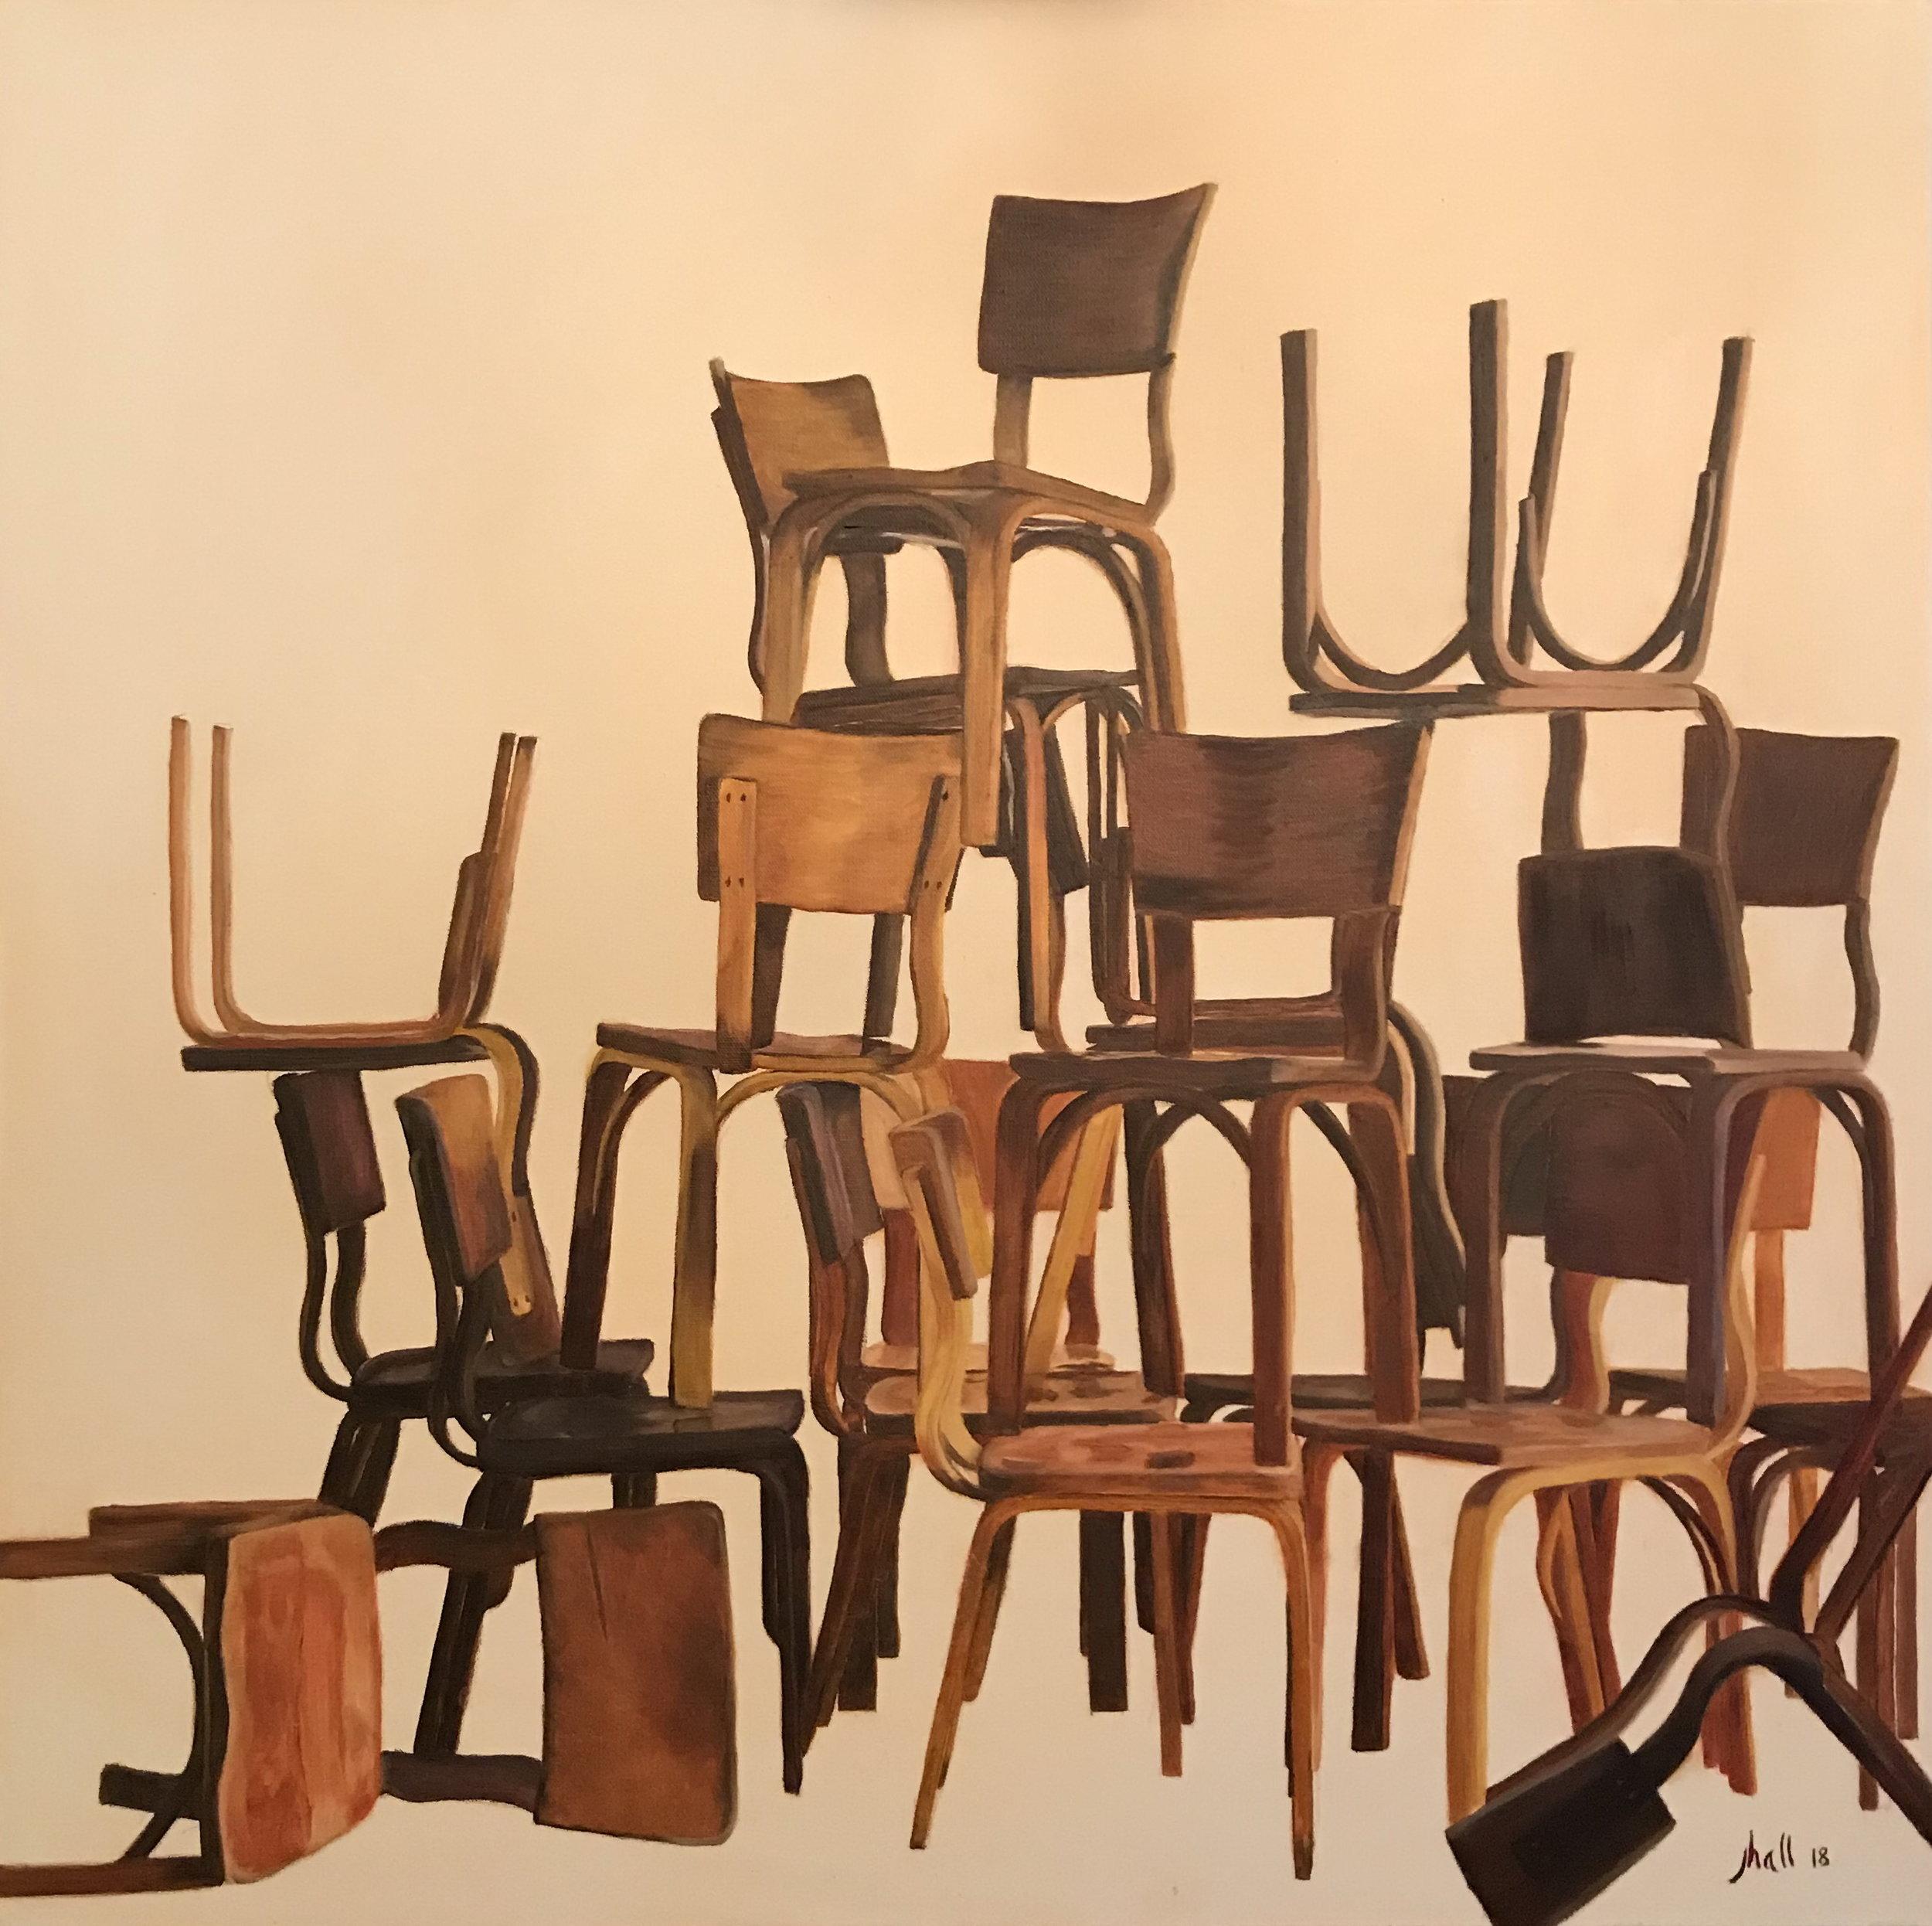 1950s Thonet Chairs - 30 X 30